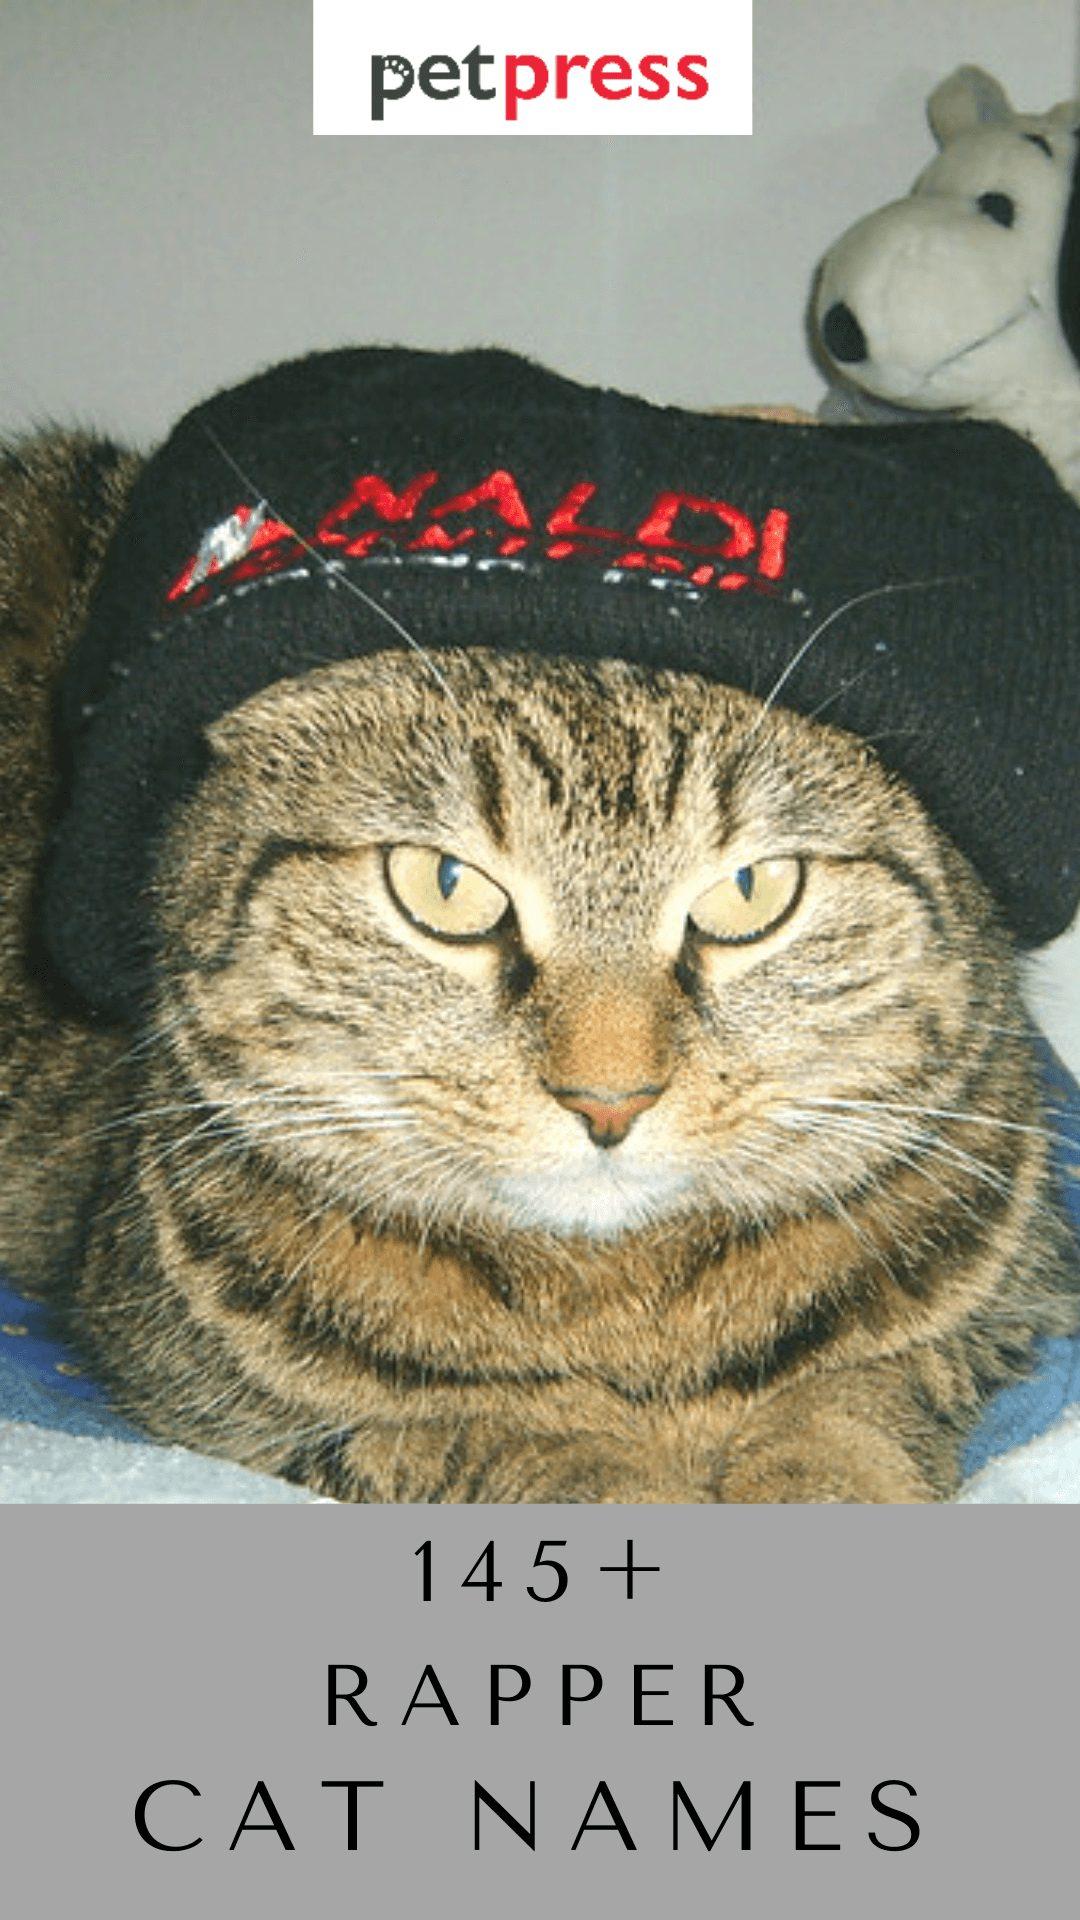 rapper-cat-names